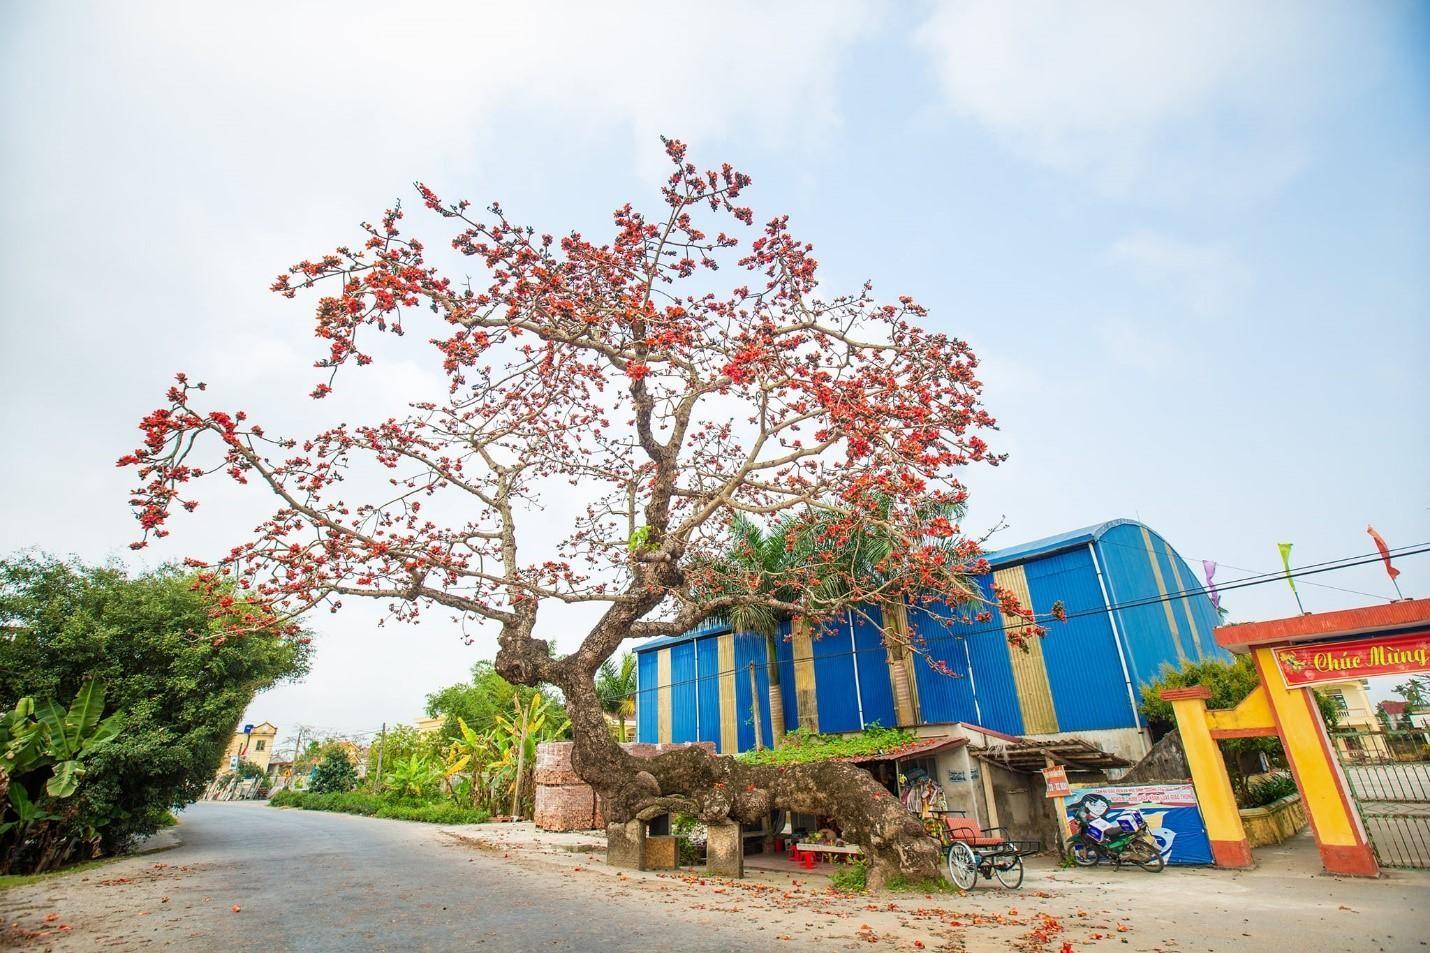 Choáng ngợp trước bộ ảnh hoa gạo đẹp đến nao lòng trên miền quê Thái Bình ảnh 4